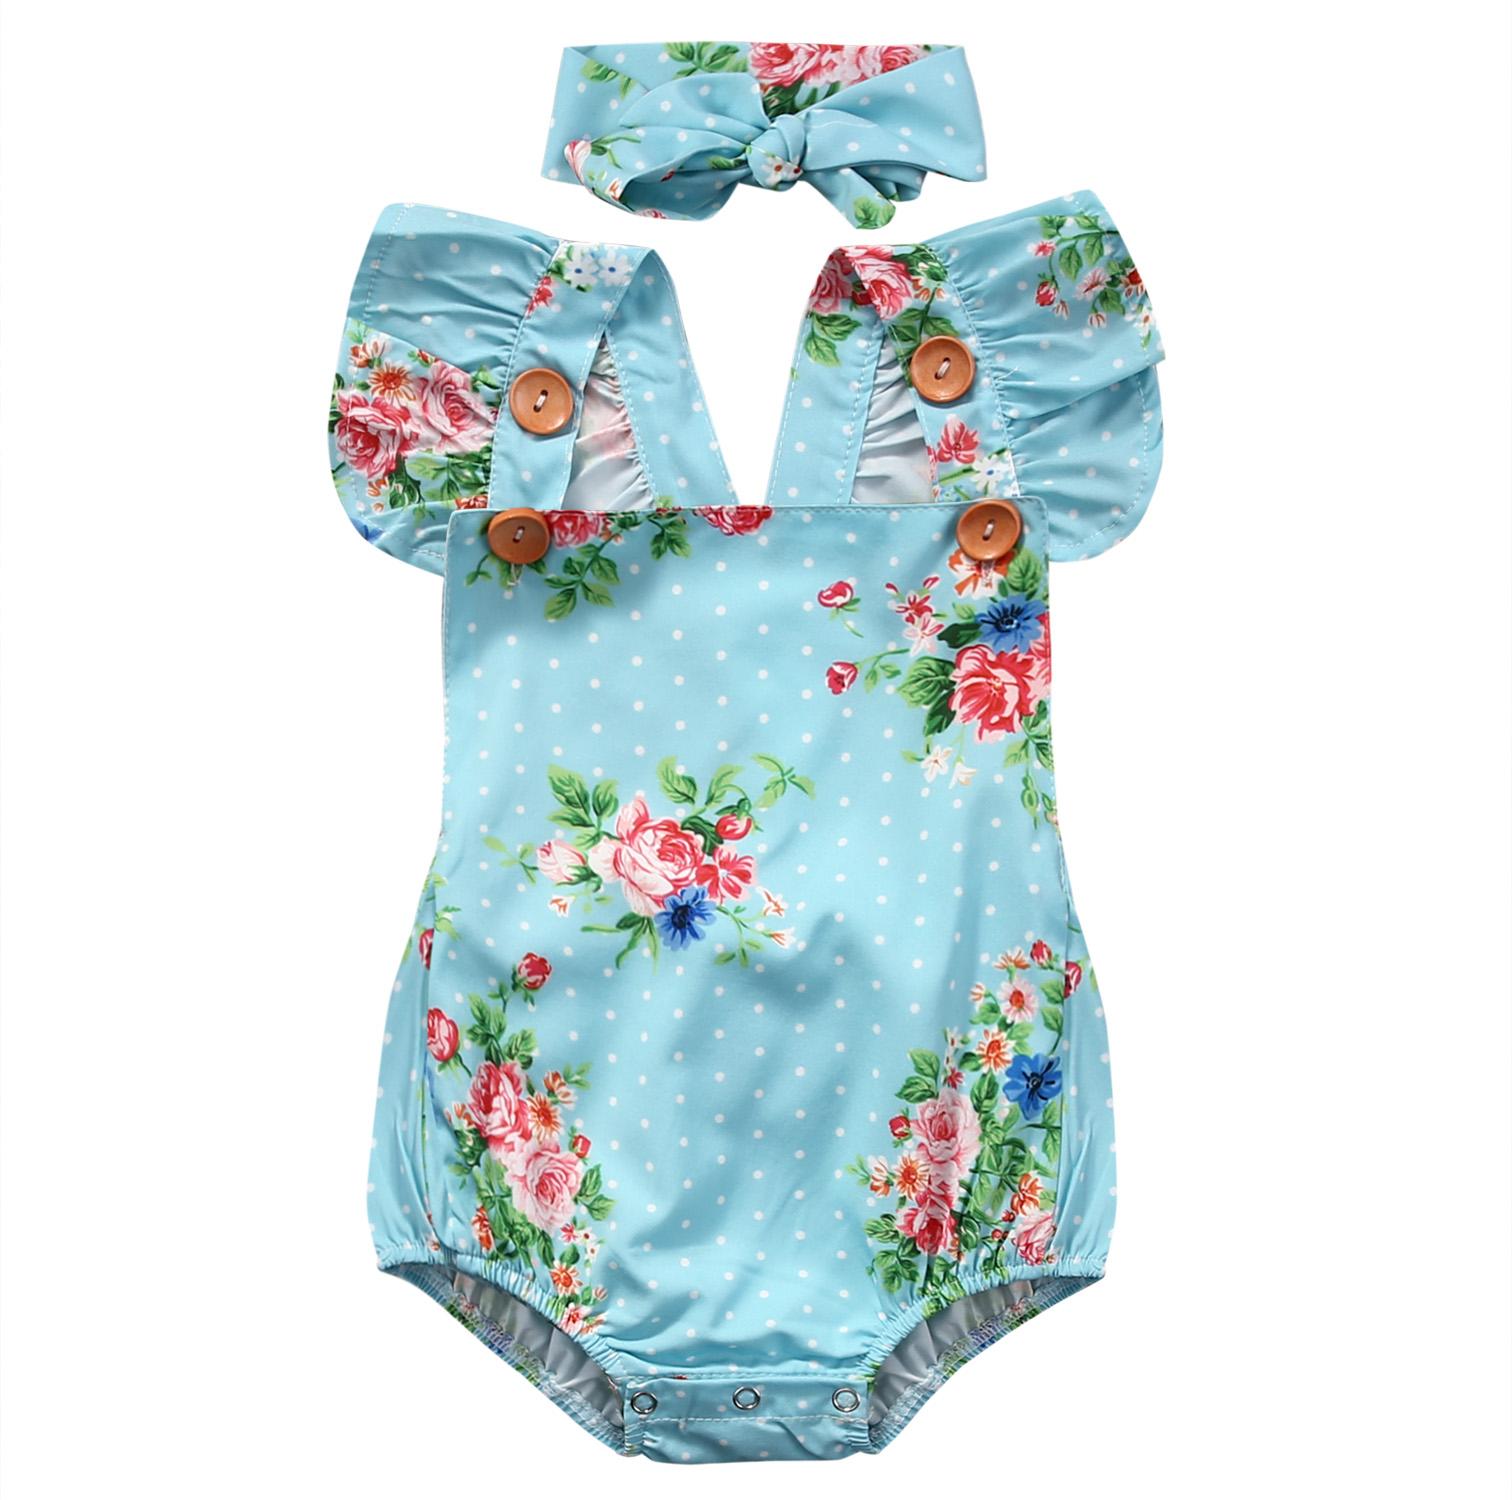 Unisex Baby Love Fire Department Crest Jumpsuit Cotton Romper Long-Sleeve Bodysuit One-Piece Suit